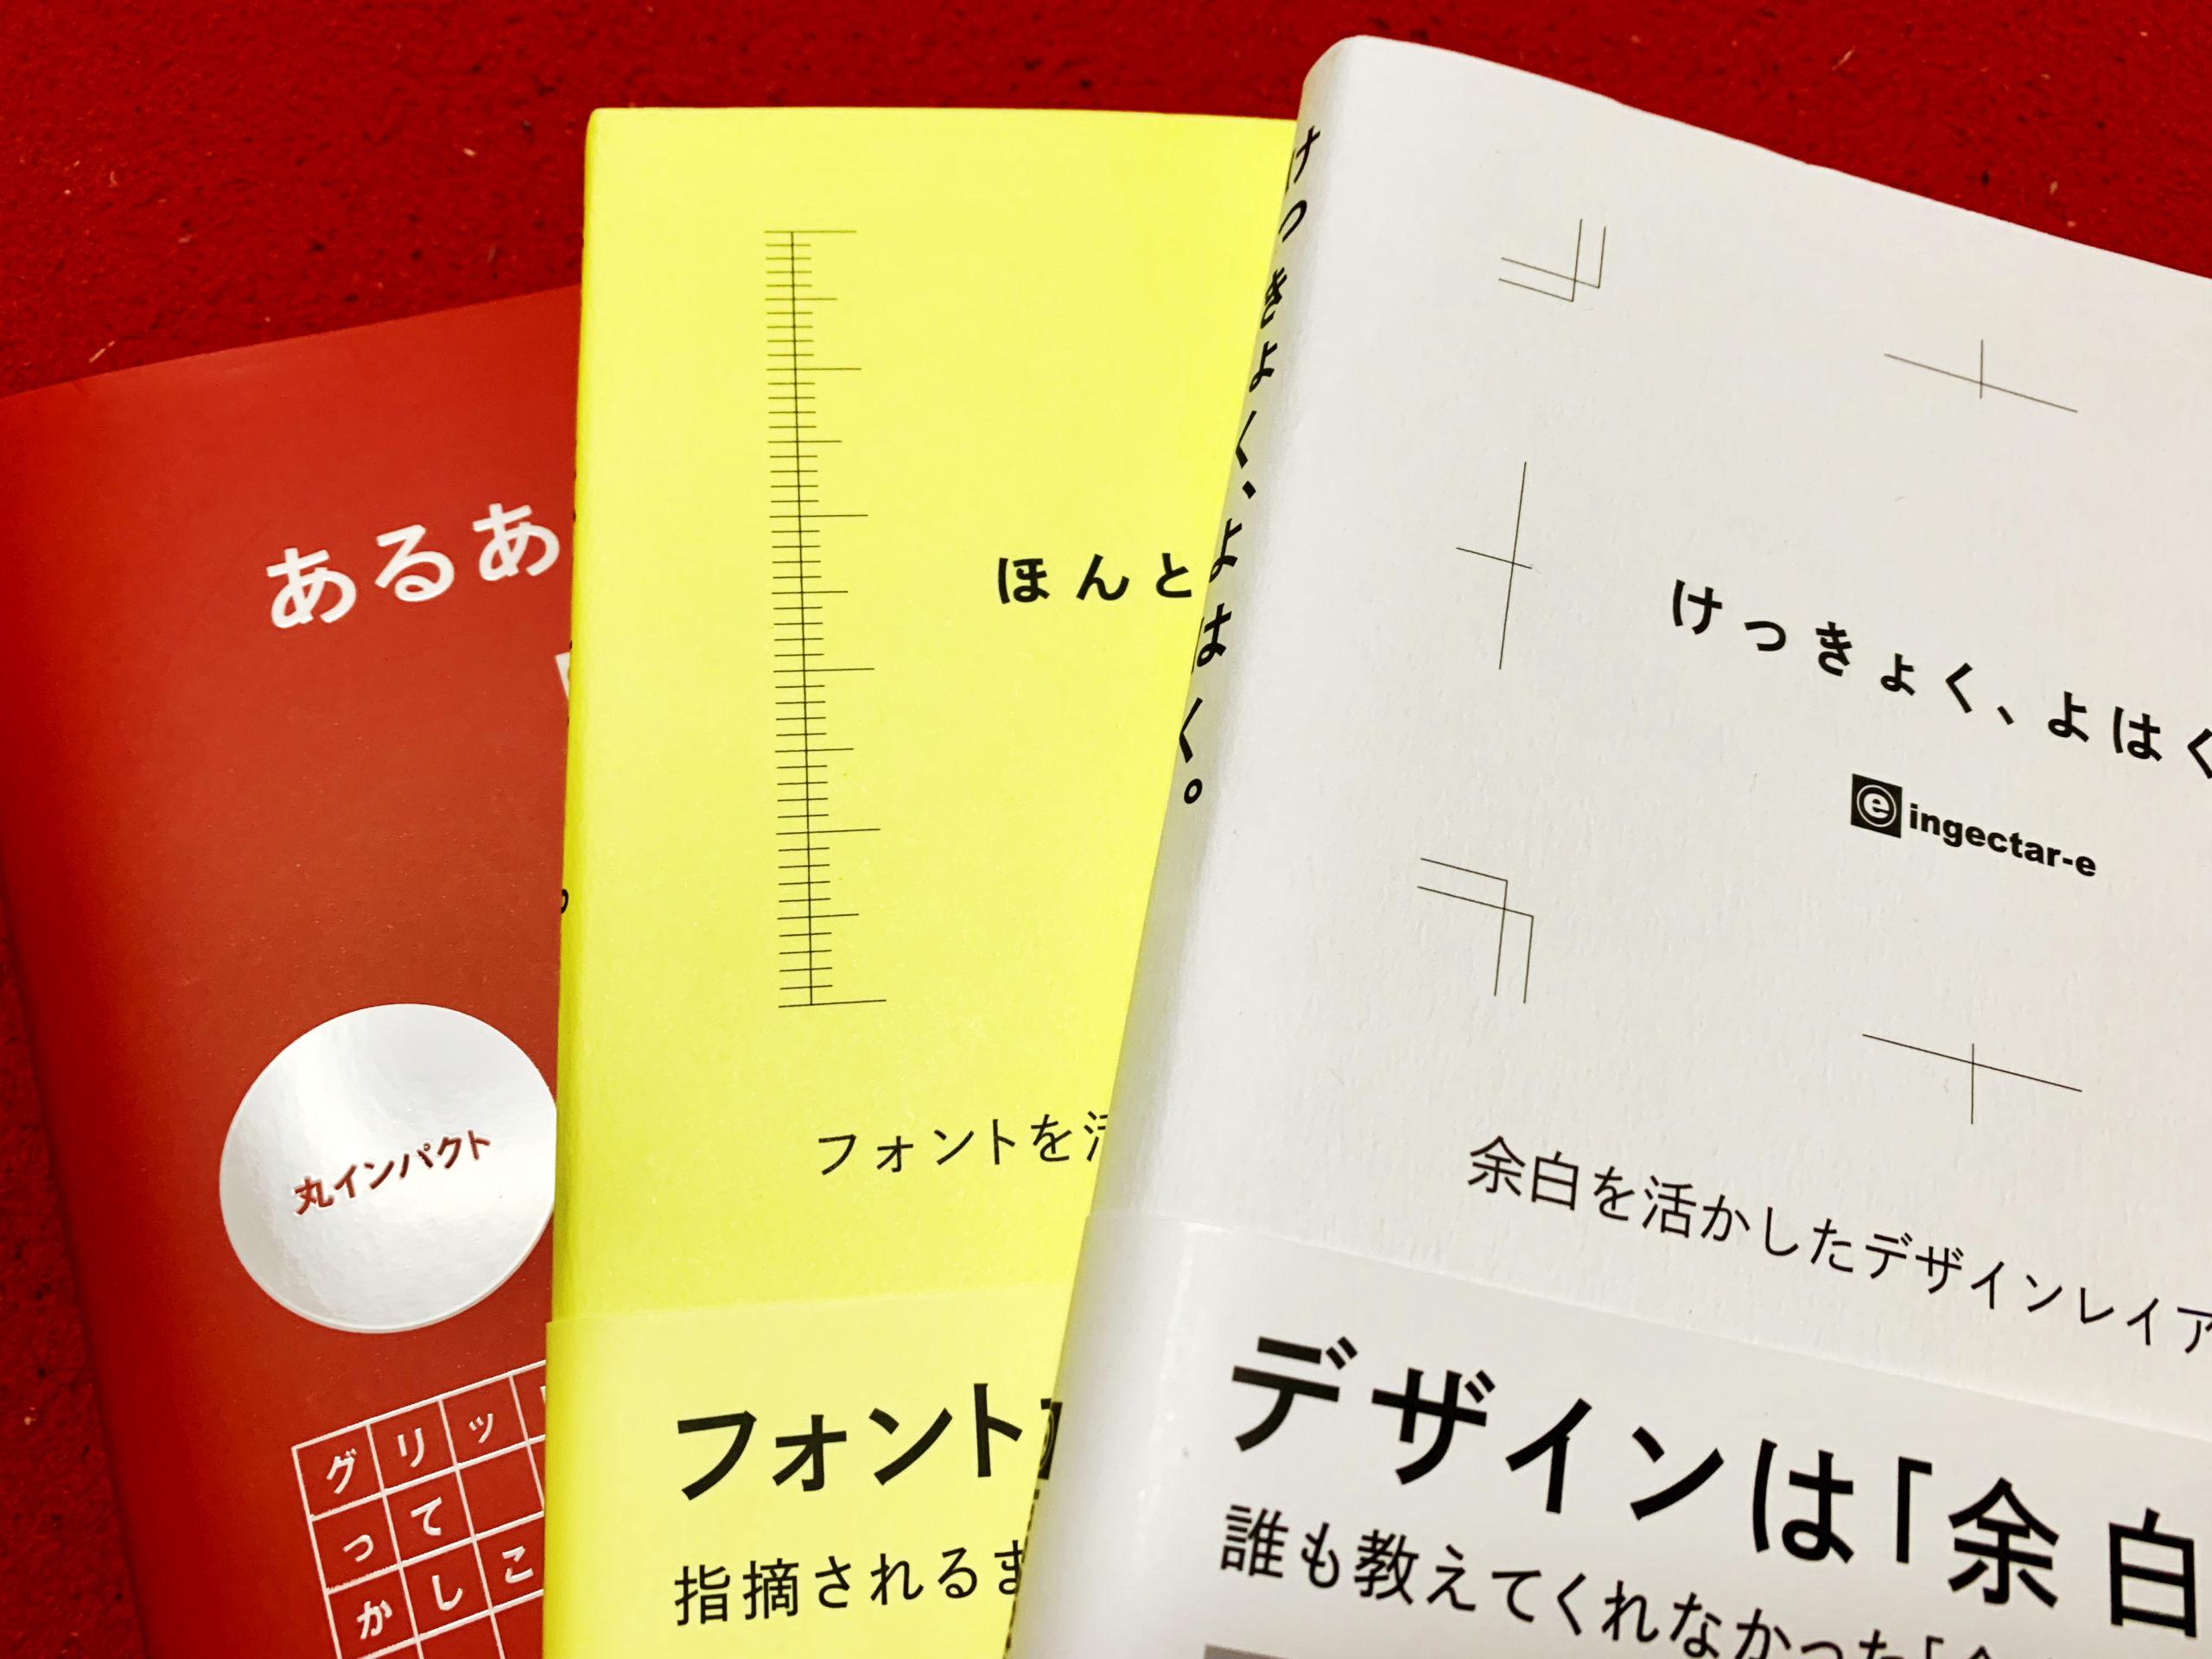 ノンデザイナーでもそれっぽいデザインが作れる書籍